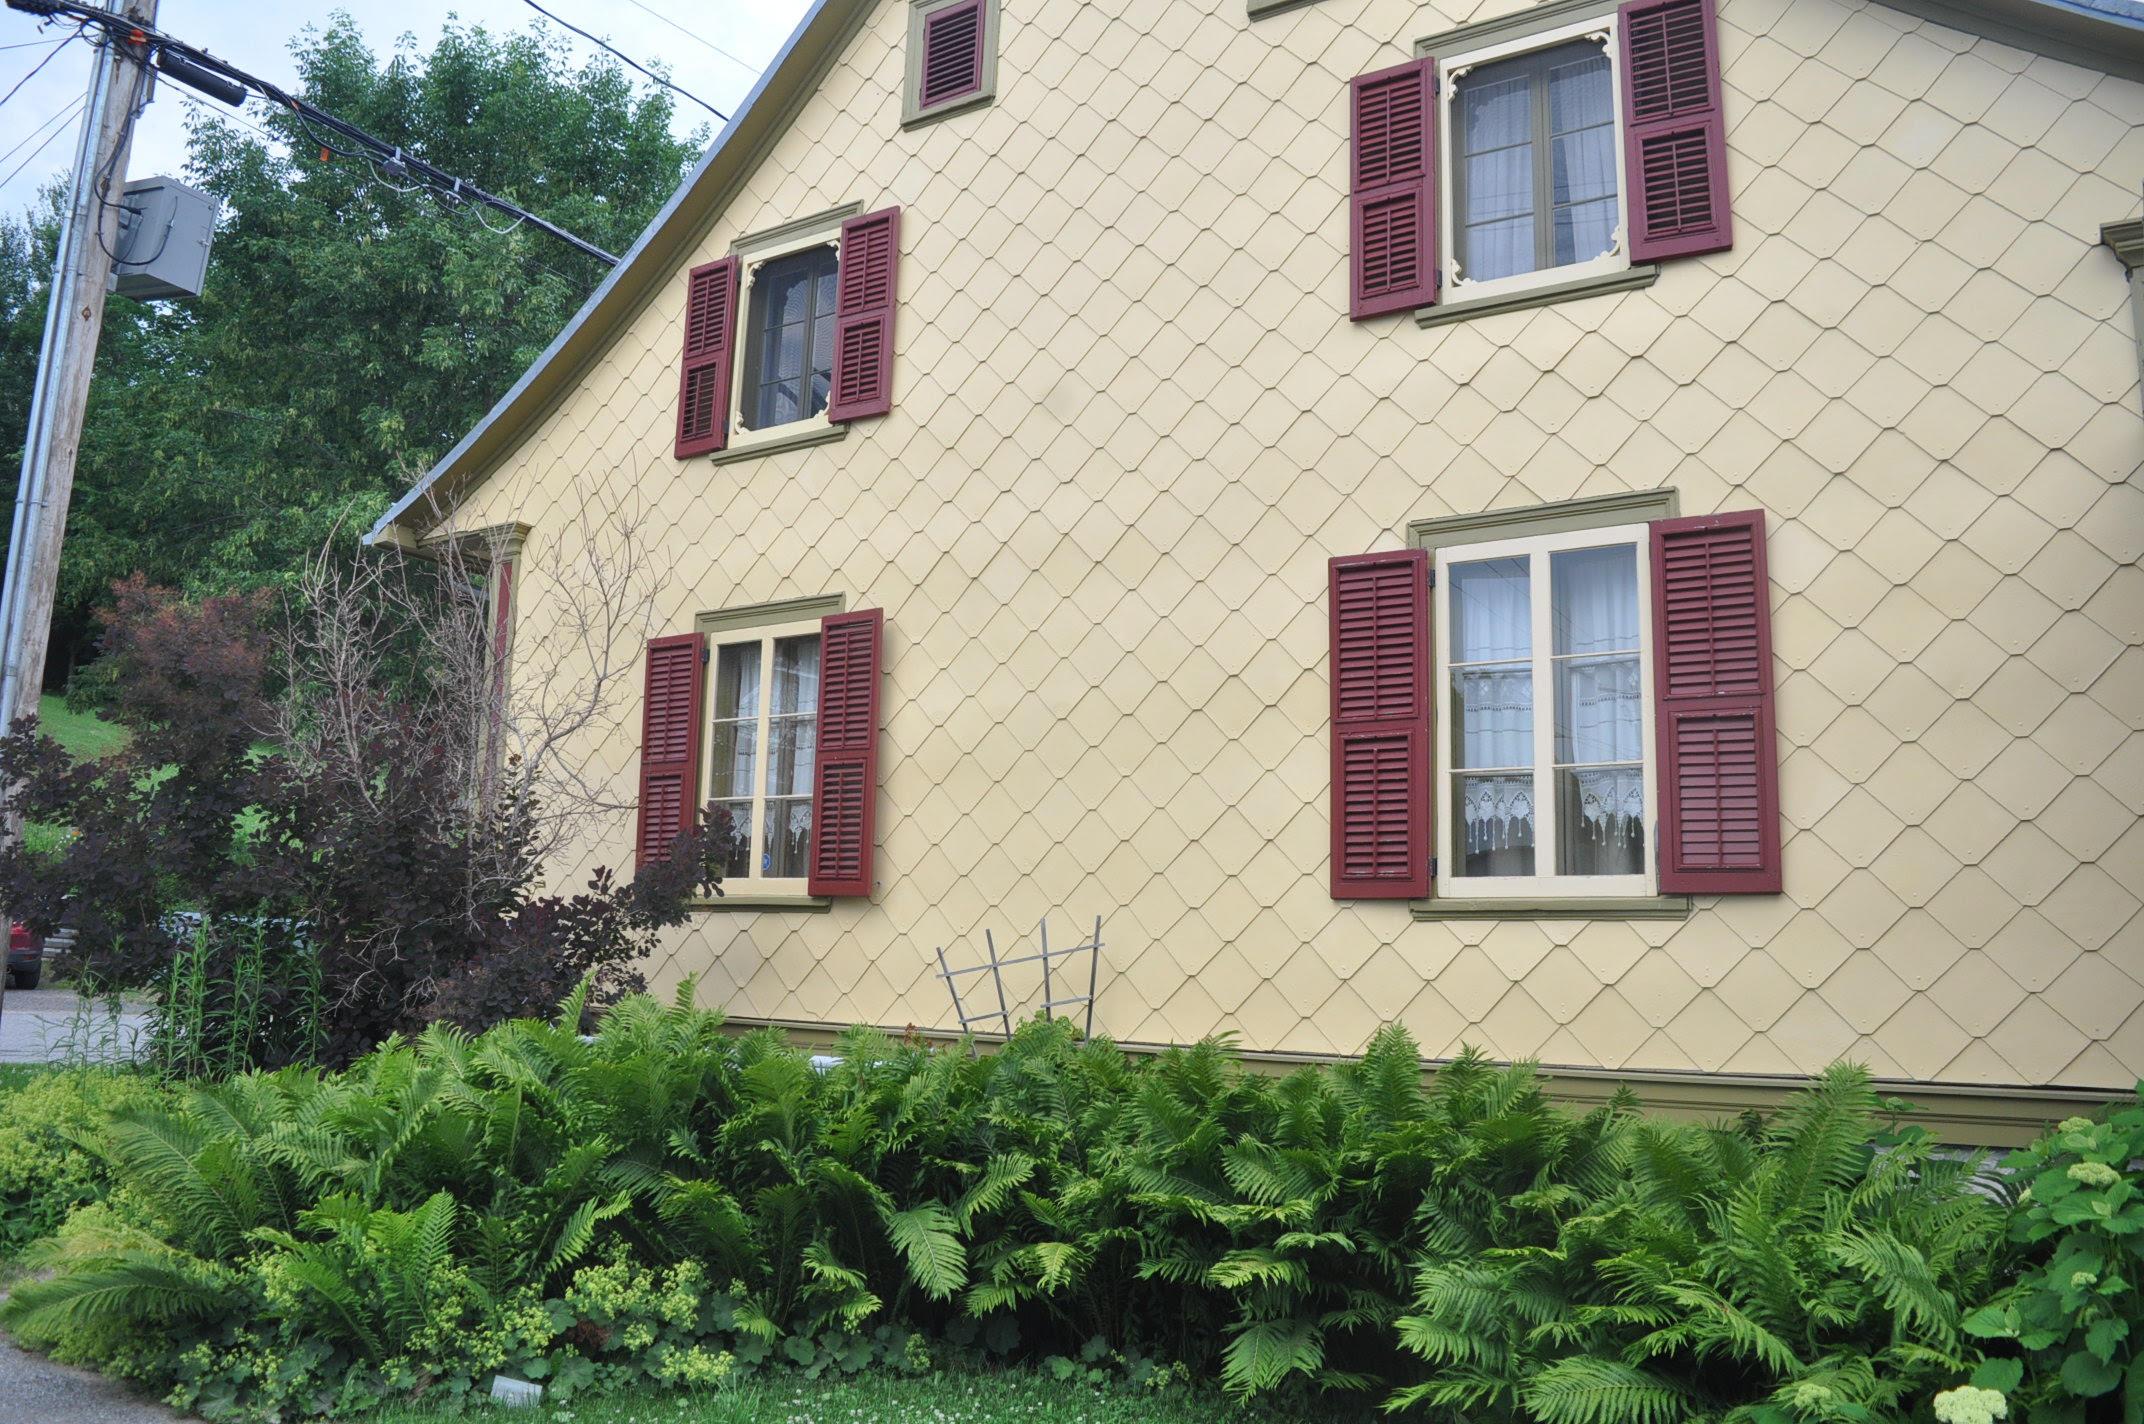 Maison du 19è siècle située à Grondines, couverte de panneaux d'amiante-ciment en forme de losanges. Les fenêtres d'origine sont munies de jalousies © Clément Locat